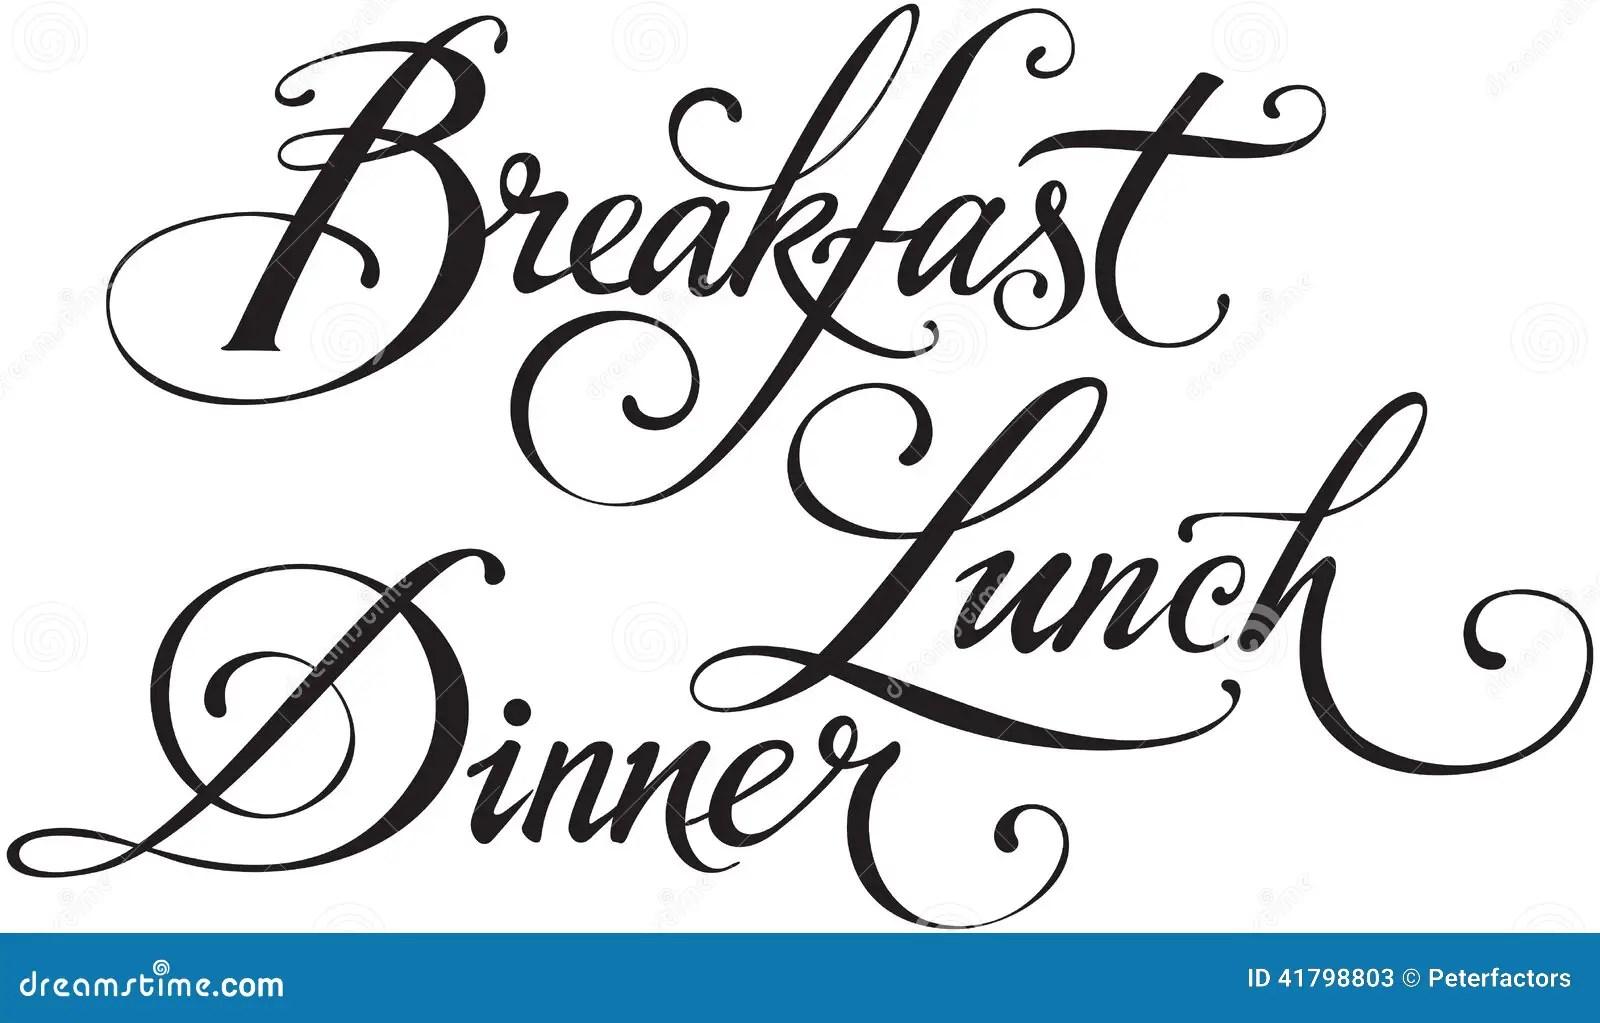 Breakfast Lunch Dinner Stock Vector Illustration Of White